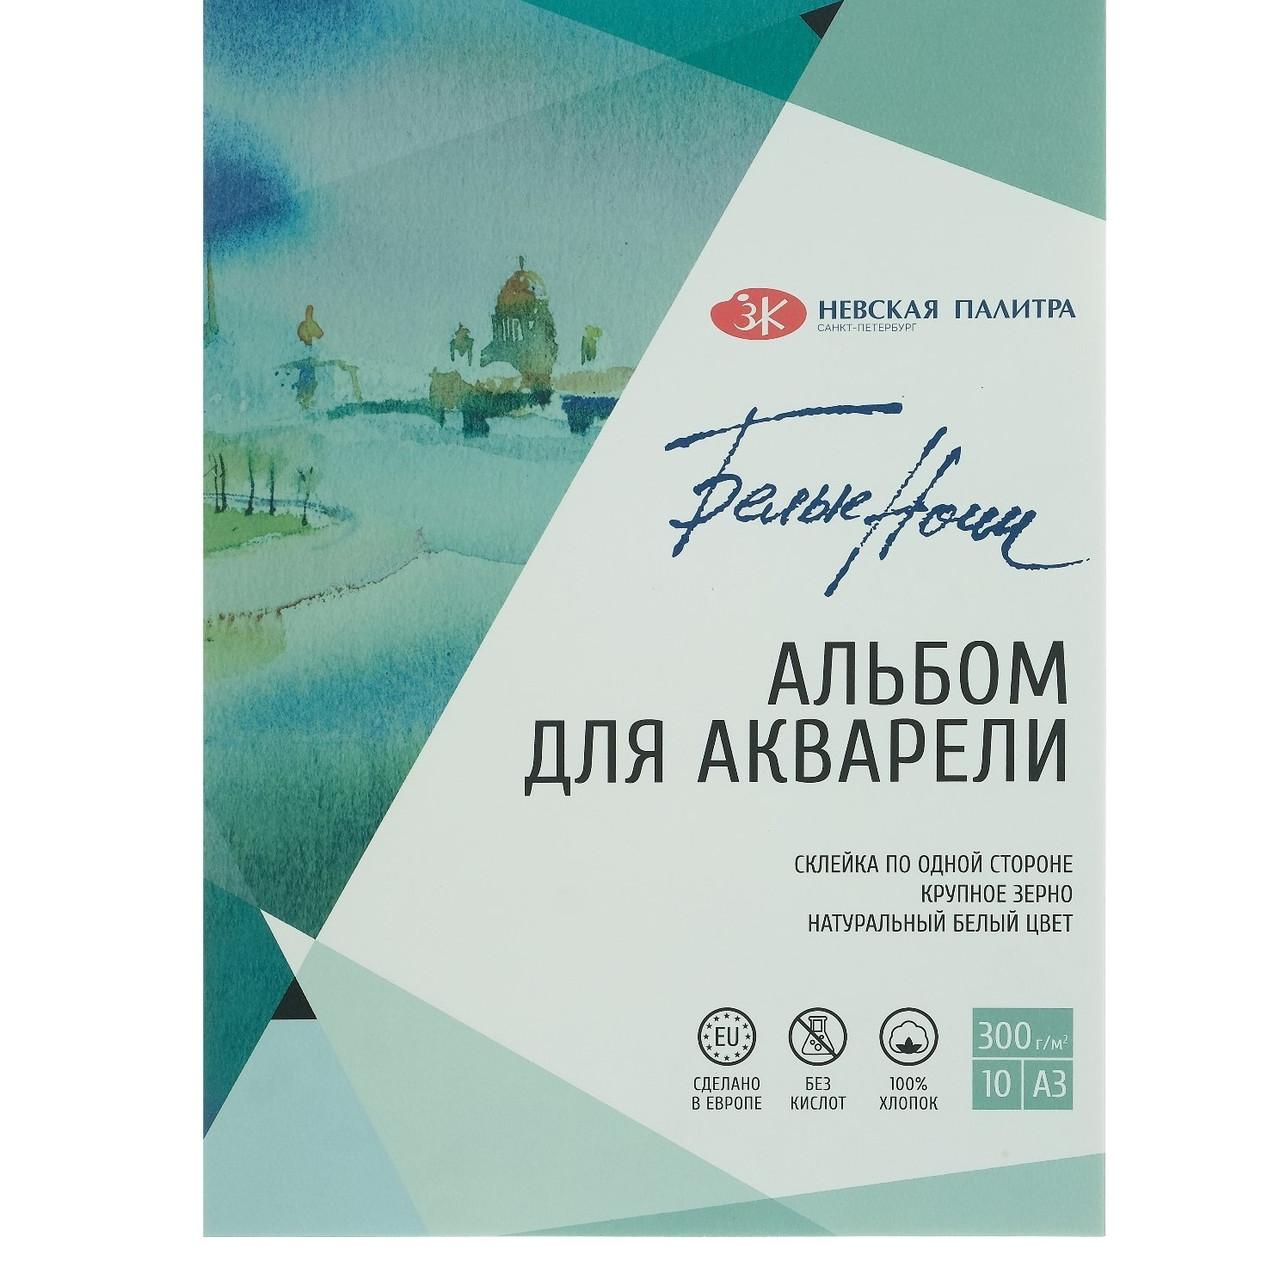 Альбом для Акварели хлопок, А3, ЗХК «Белые ночи», 10 листов, 300 г/м², на склейке